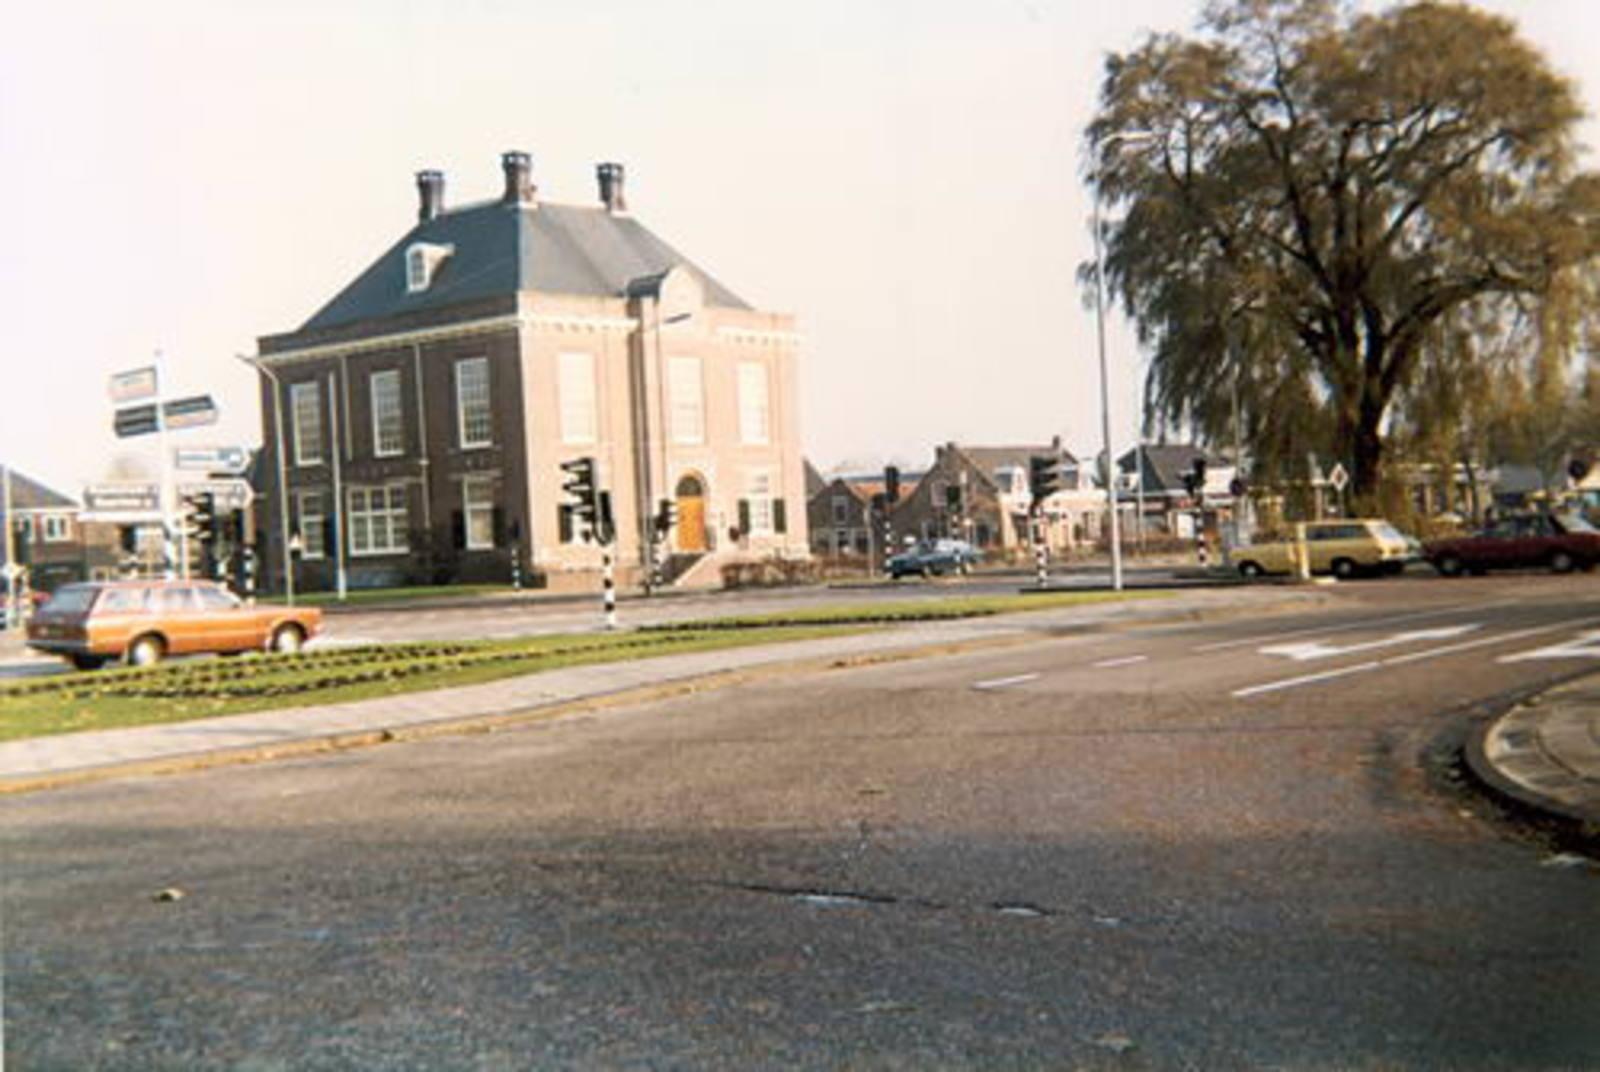 Marktplein N 0047 1981 Polderhuis